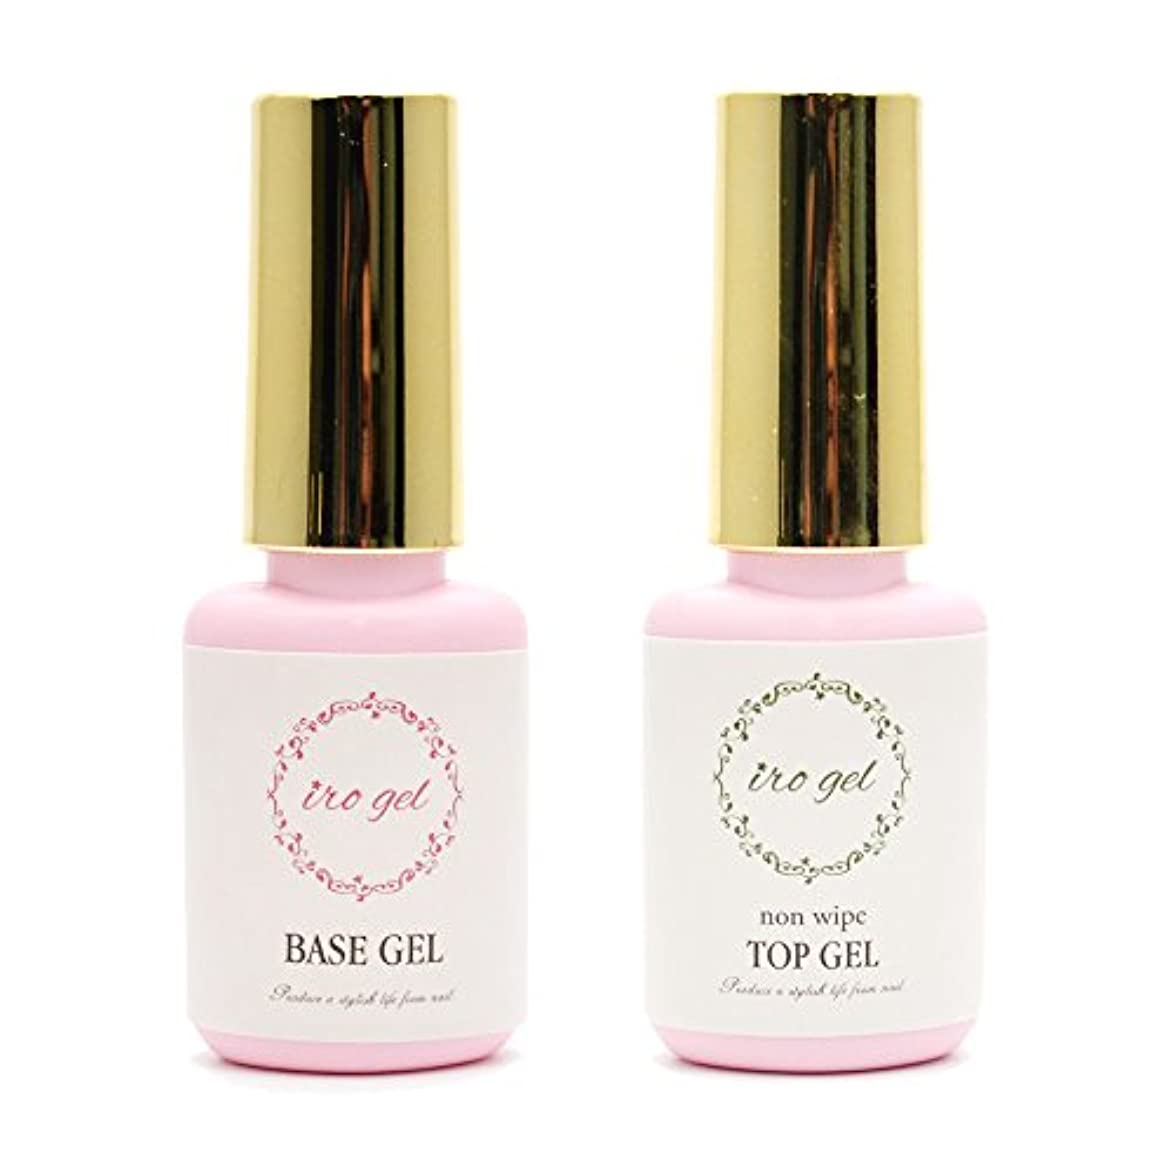 自動化リベラル合体iro gel (イロジェル) ジェルネイル UV LED 対応 ベースコート & トップコート セット 10ml [ 拭き取り不要 ノンワイプ ]